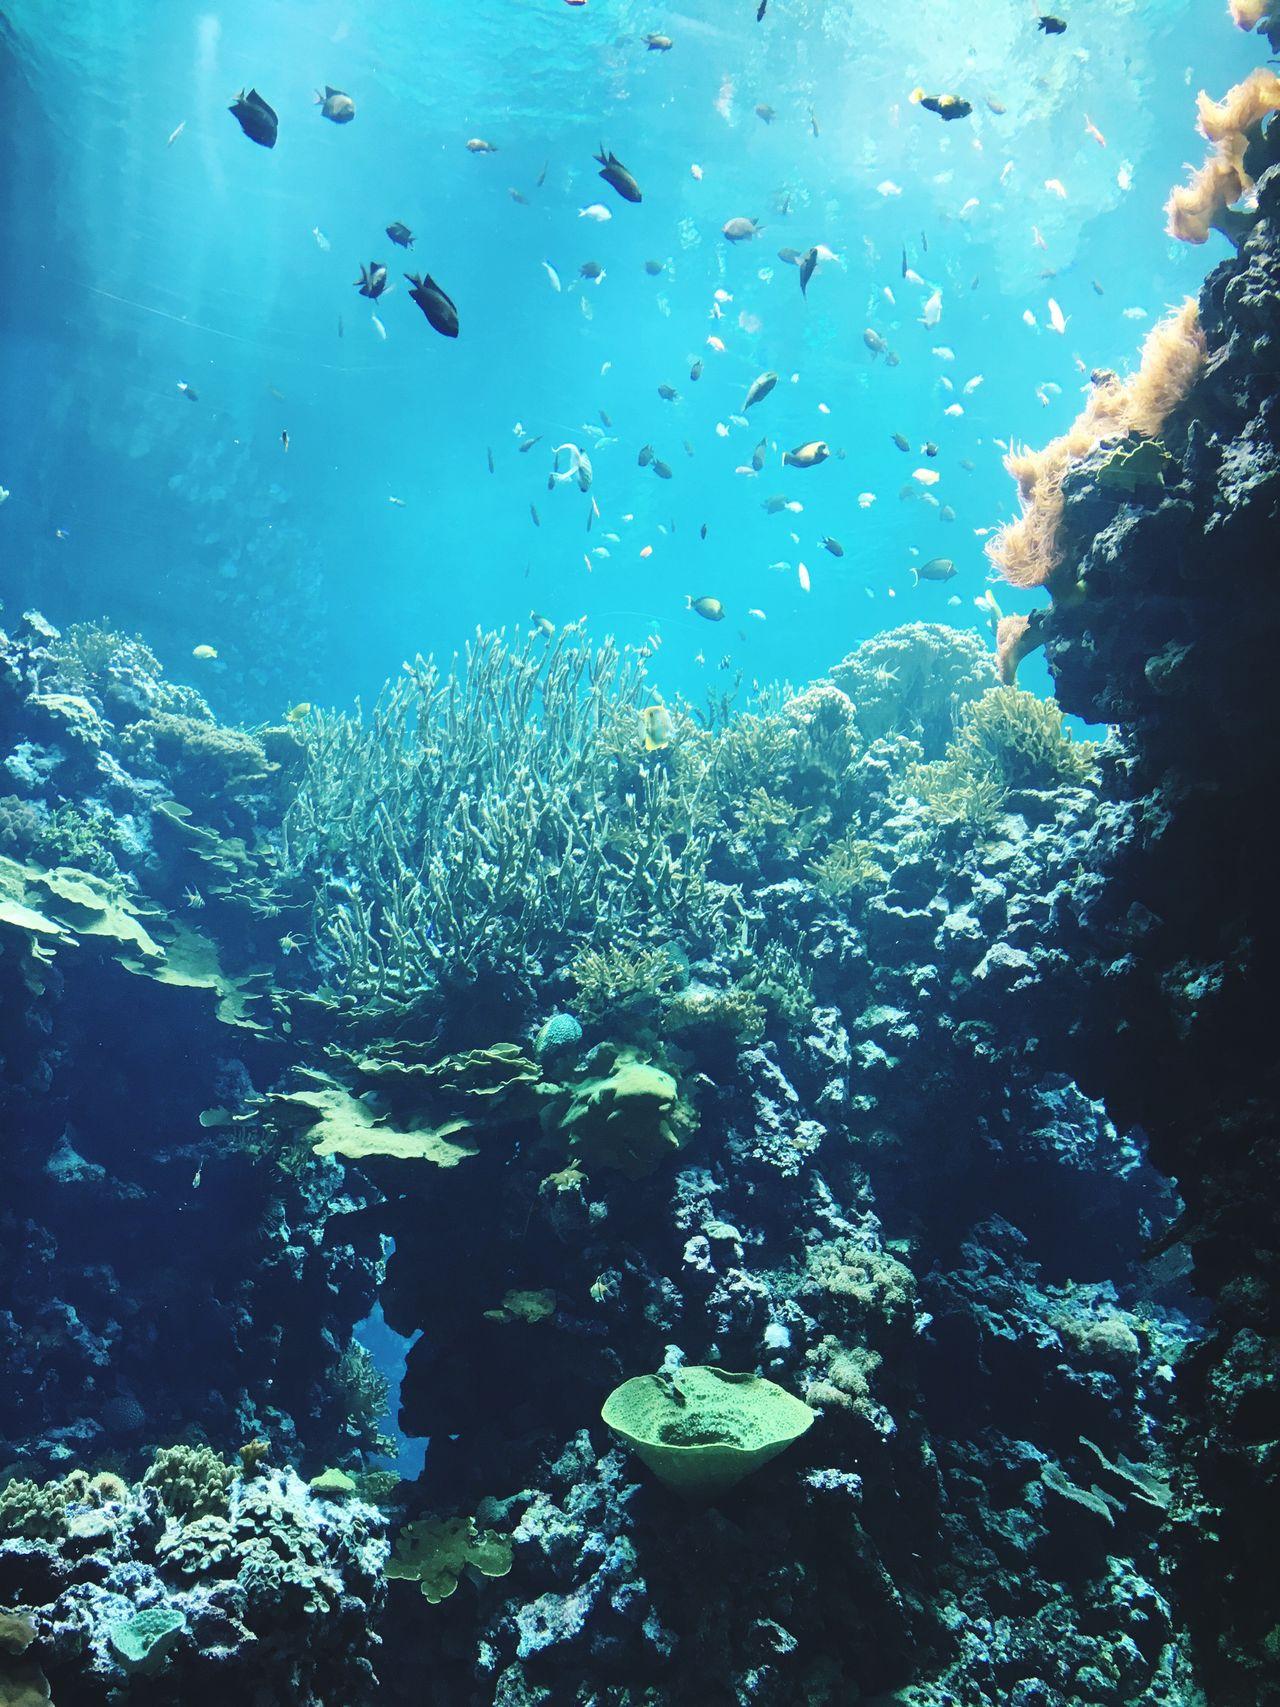 Zoo Burgerszoo Ocean Fish